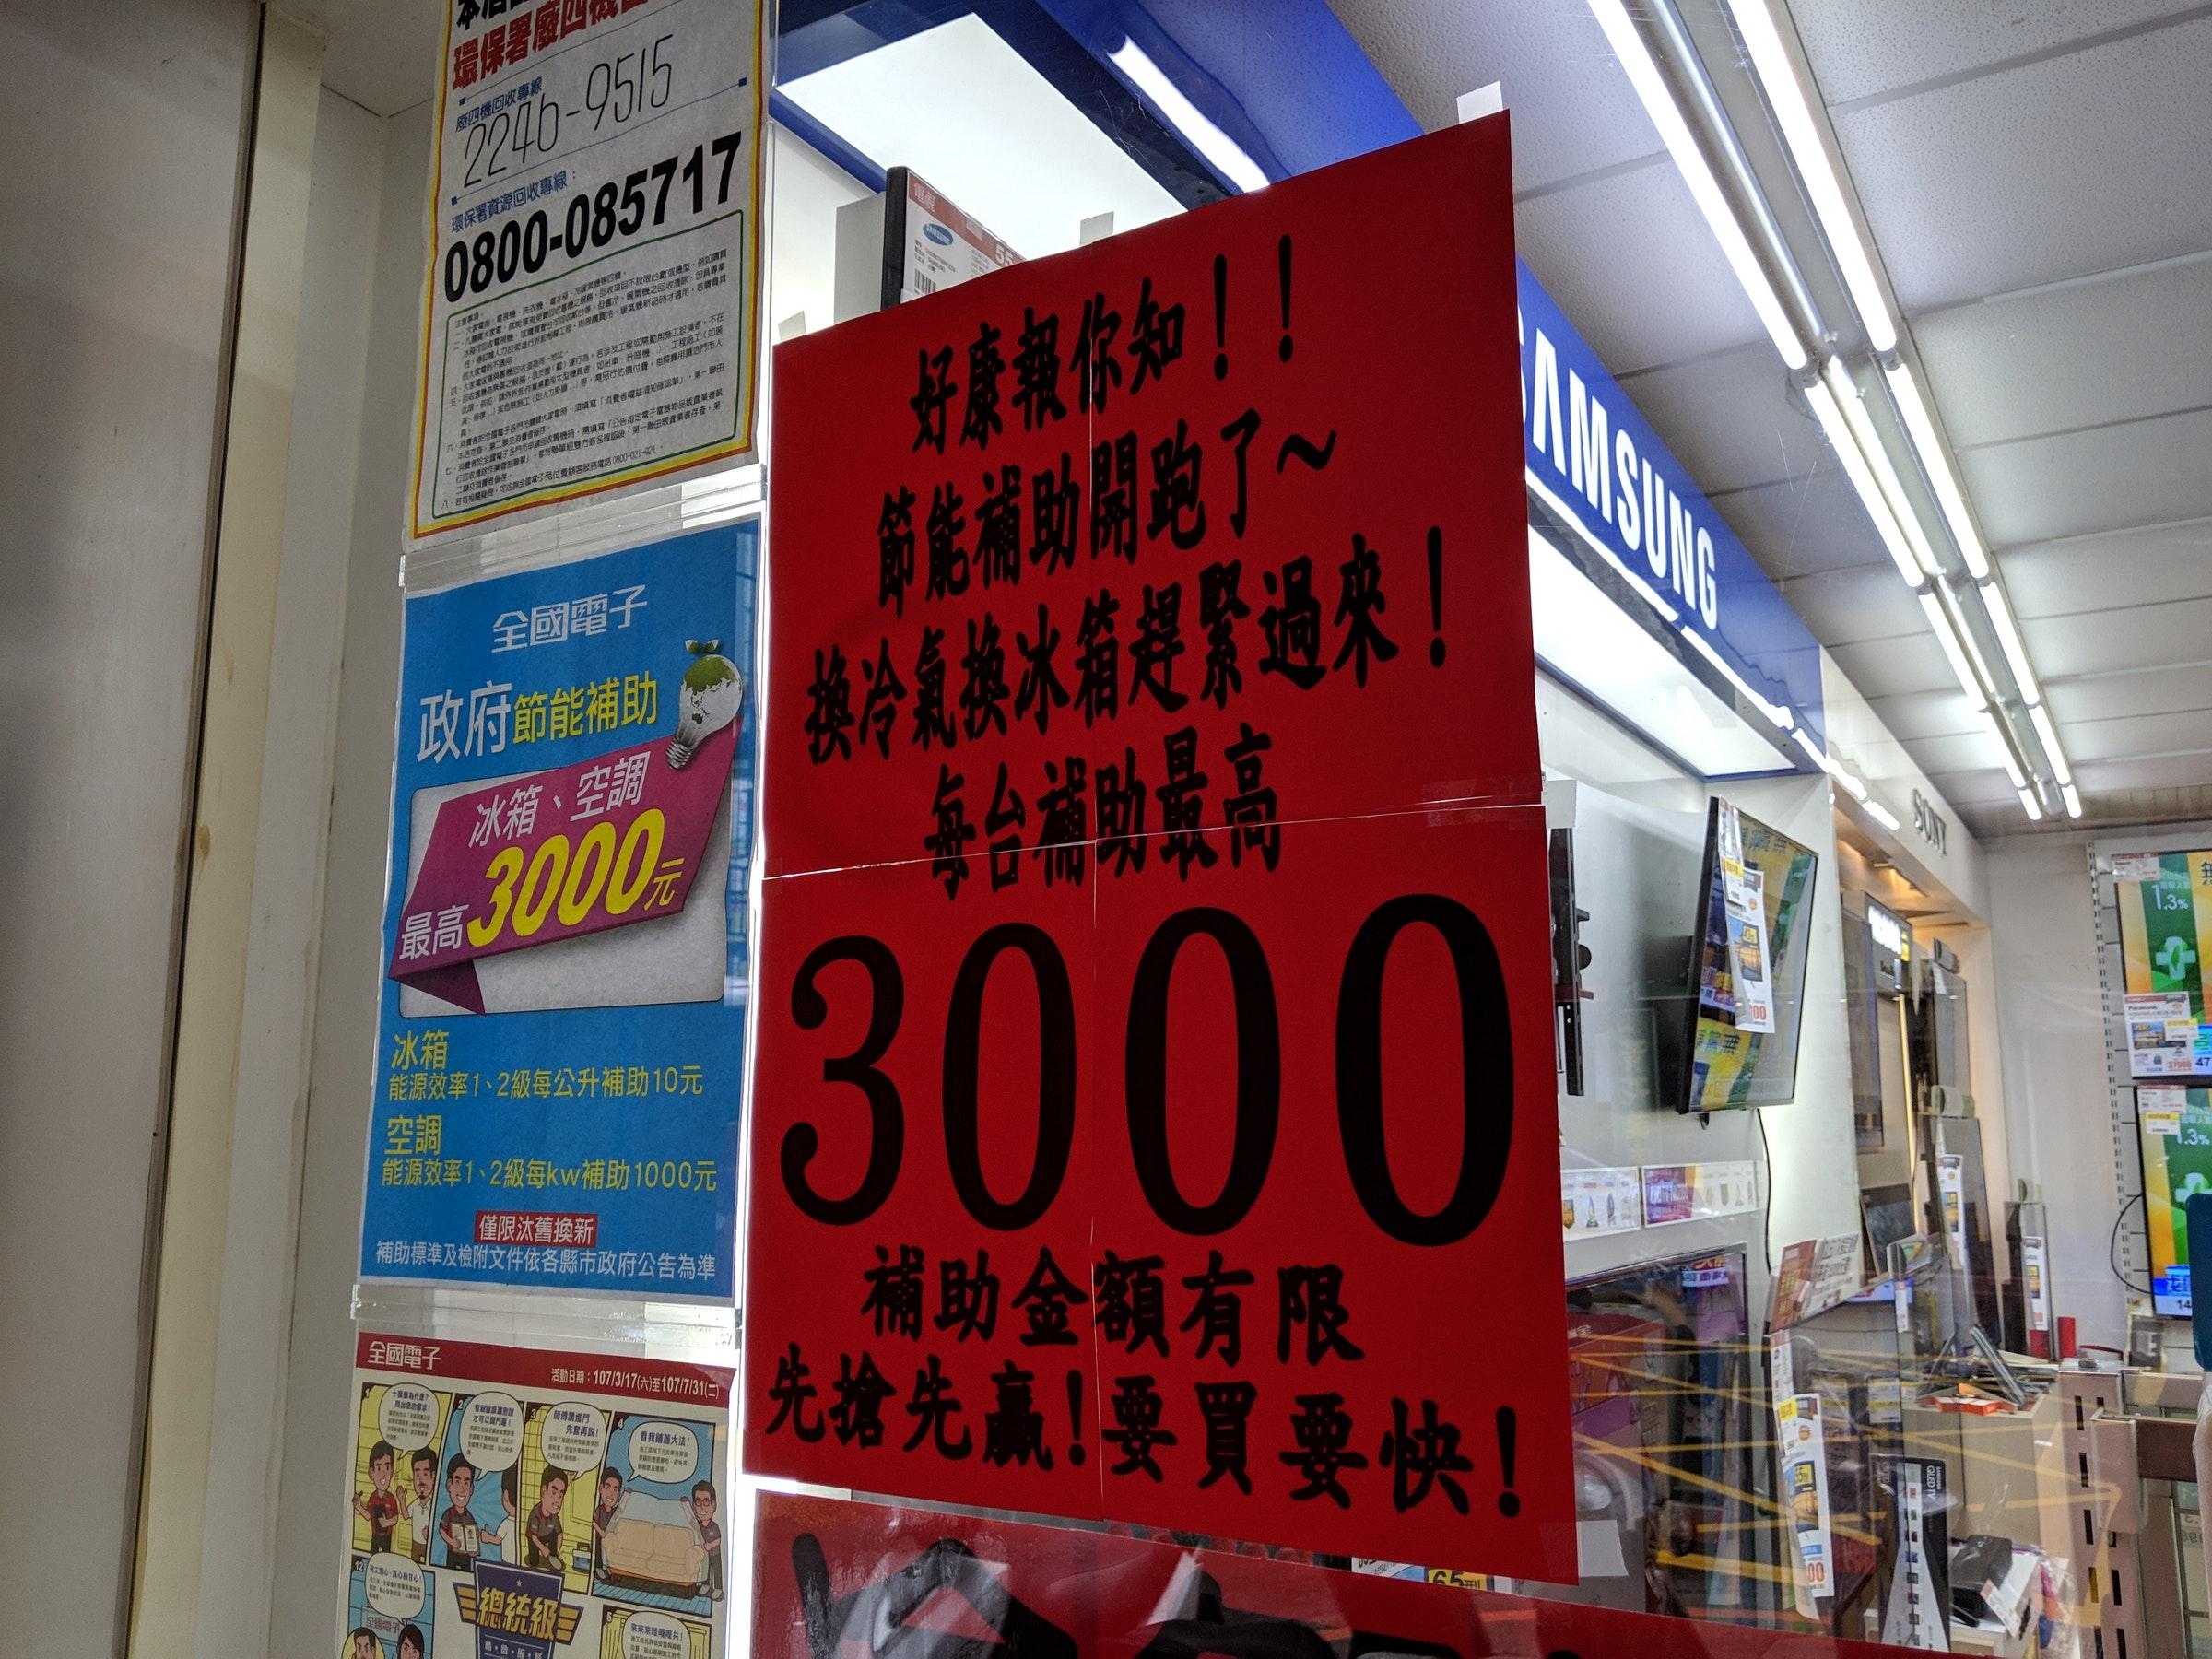 Advertising, Retail, poster, Building, Advertising, Retail